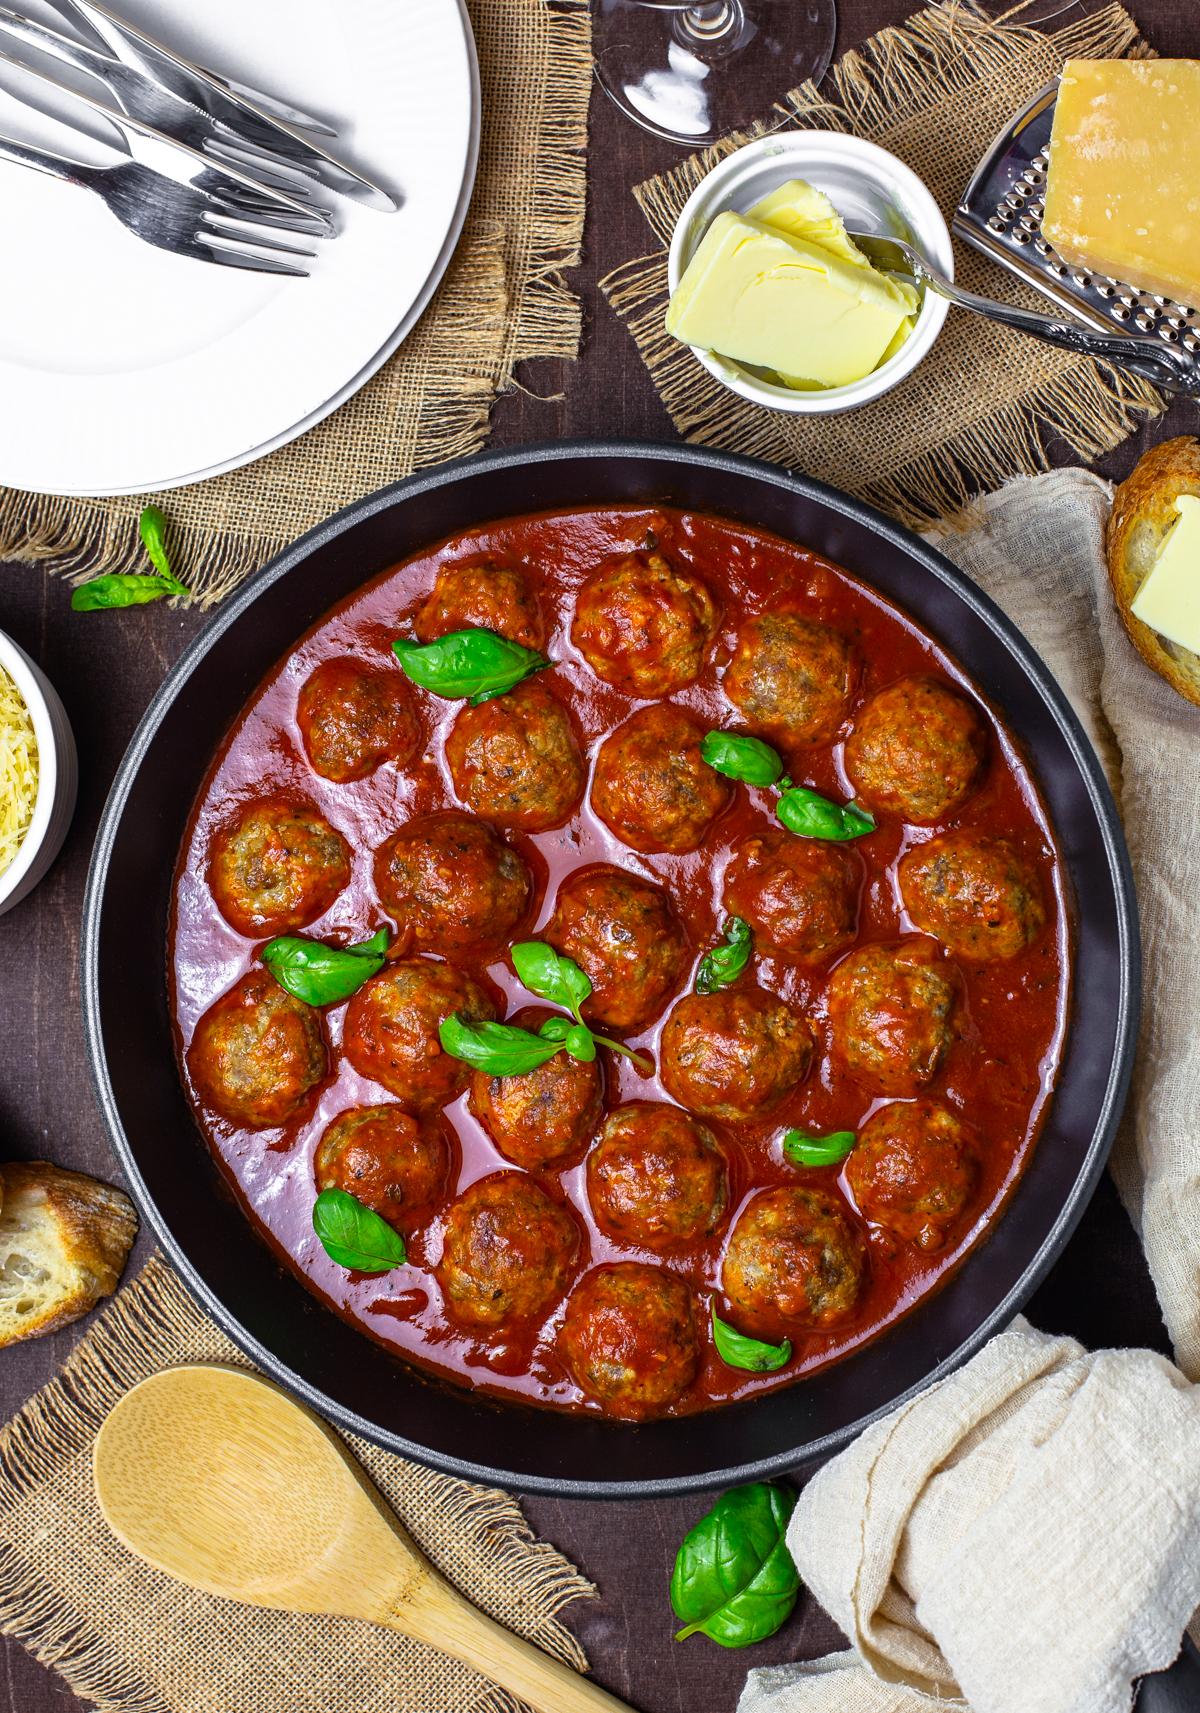 Homemade Meatballs in sauce in pan